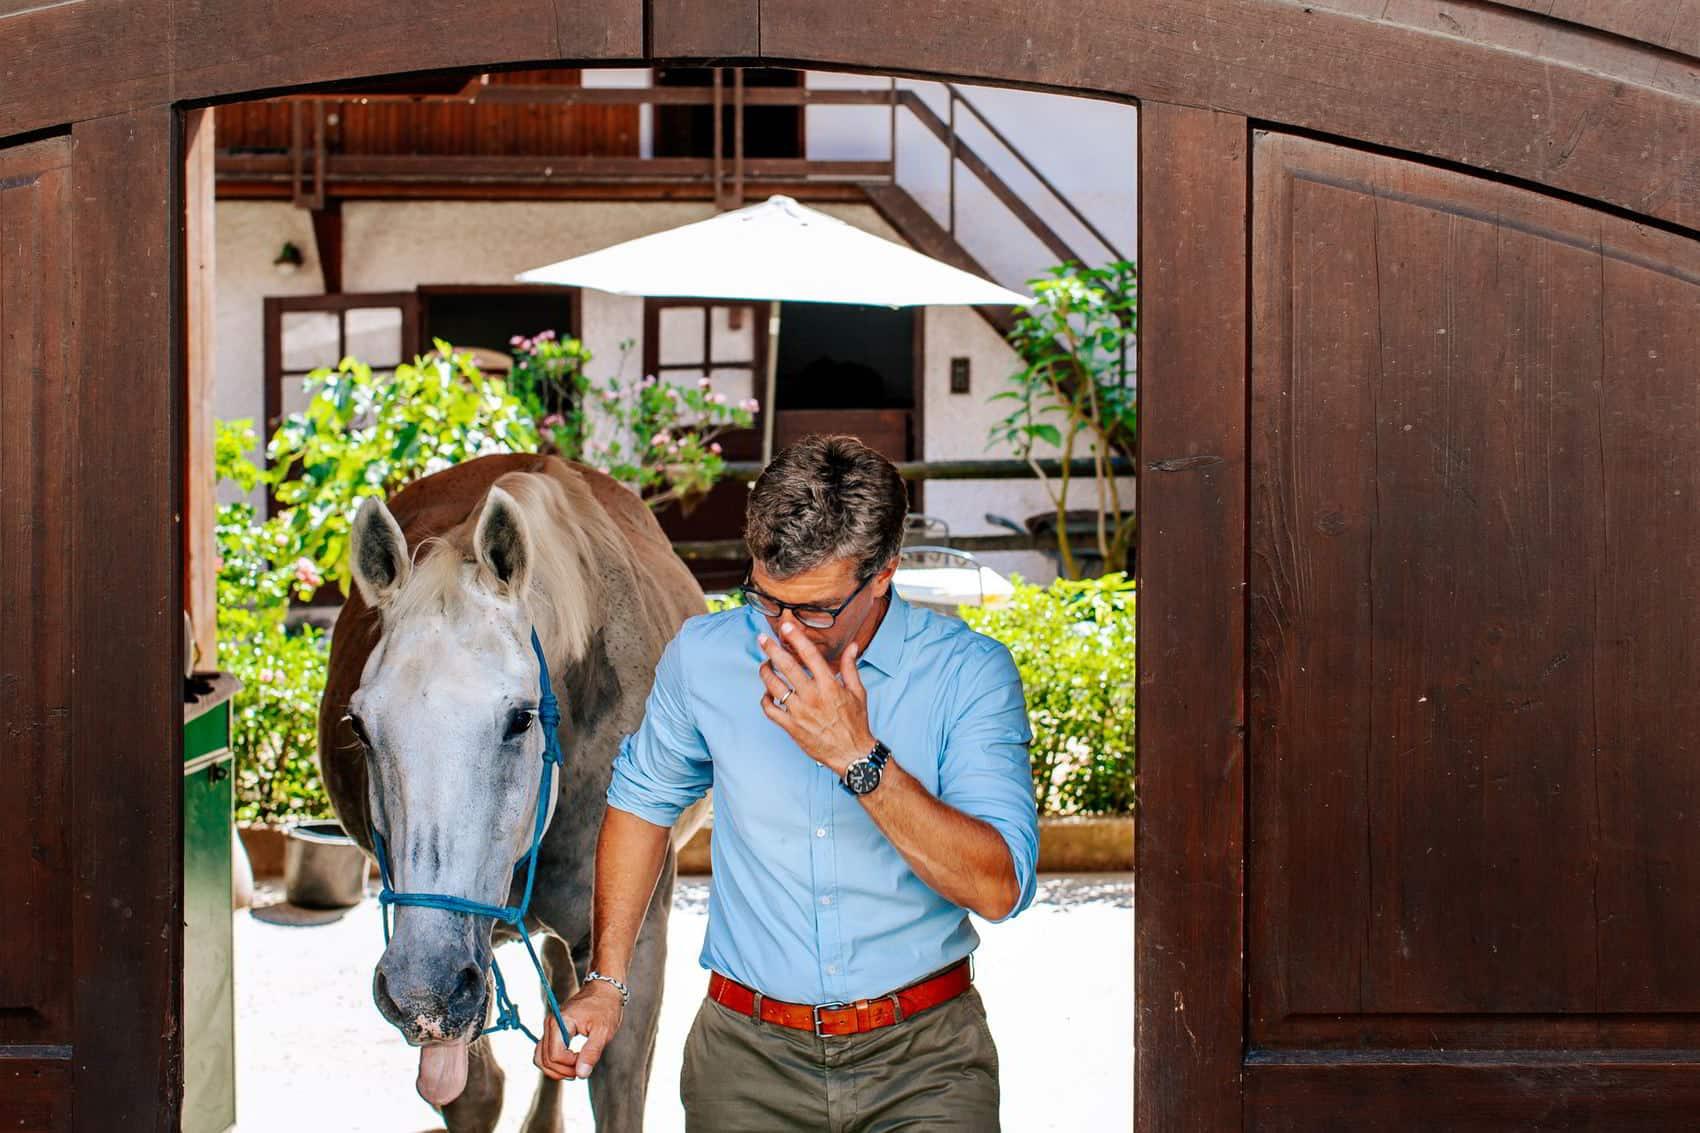 pferdesportpraxis-tierarzt-dr-matthias-keller-pferdespezialist-orthopaedische-und-manuelle-medizin-fuer-pferde-faszientherapie-chiropraktik-akupunktur-cft-prp-irap-chirofaszial-Tor